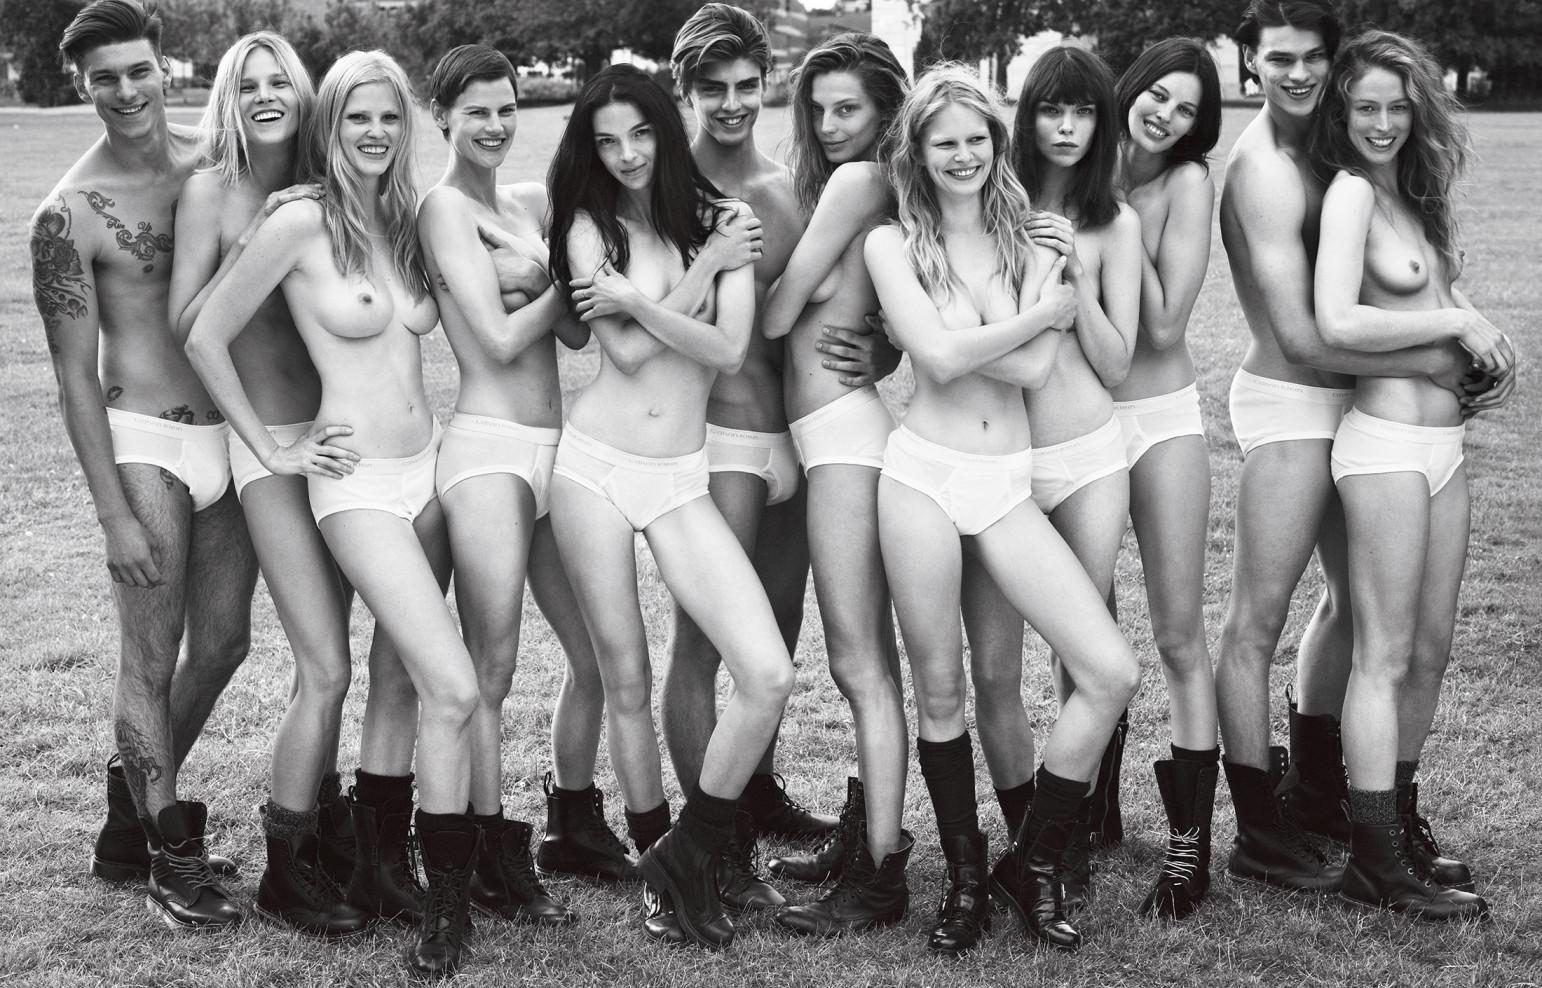 supermodels-normcore-underwear-1542x988.jpg